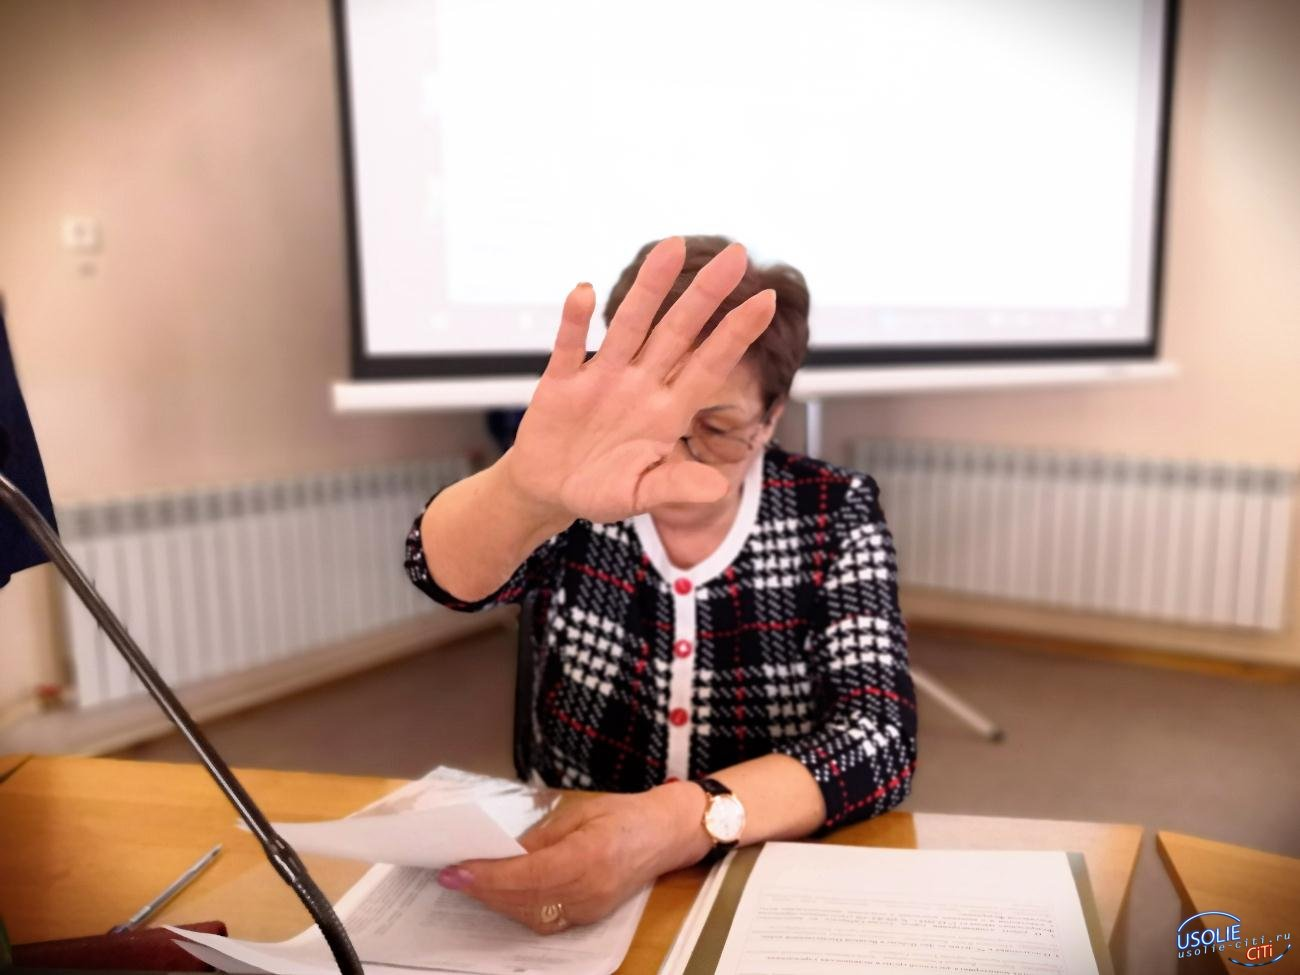 Сама такая: Почетный гражданин Усолья оскорбила журналиста